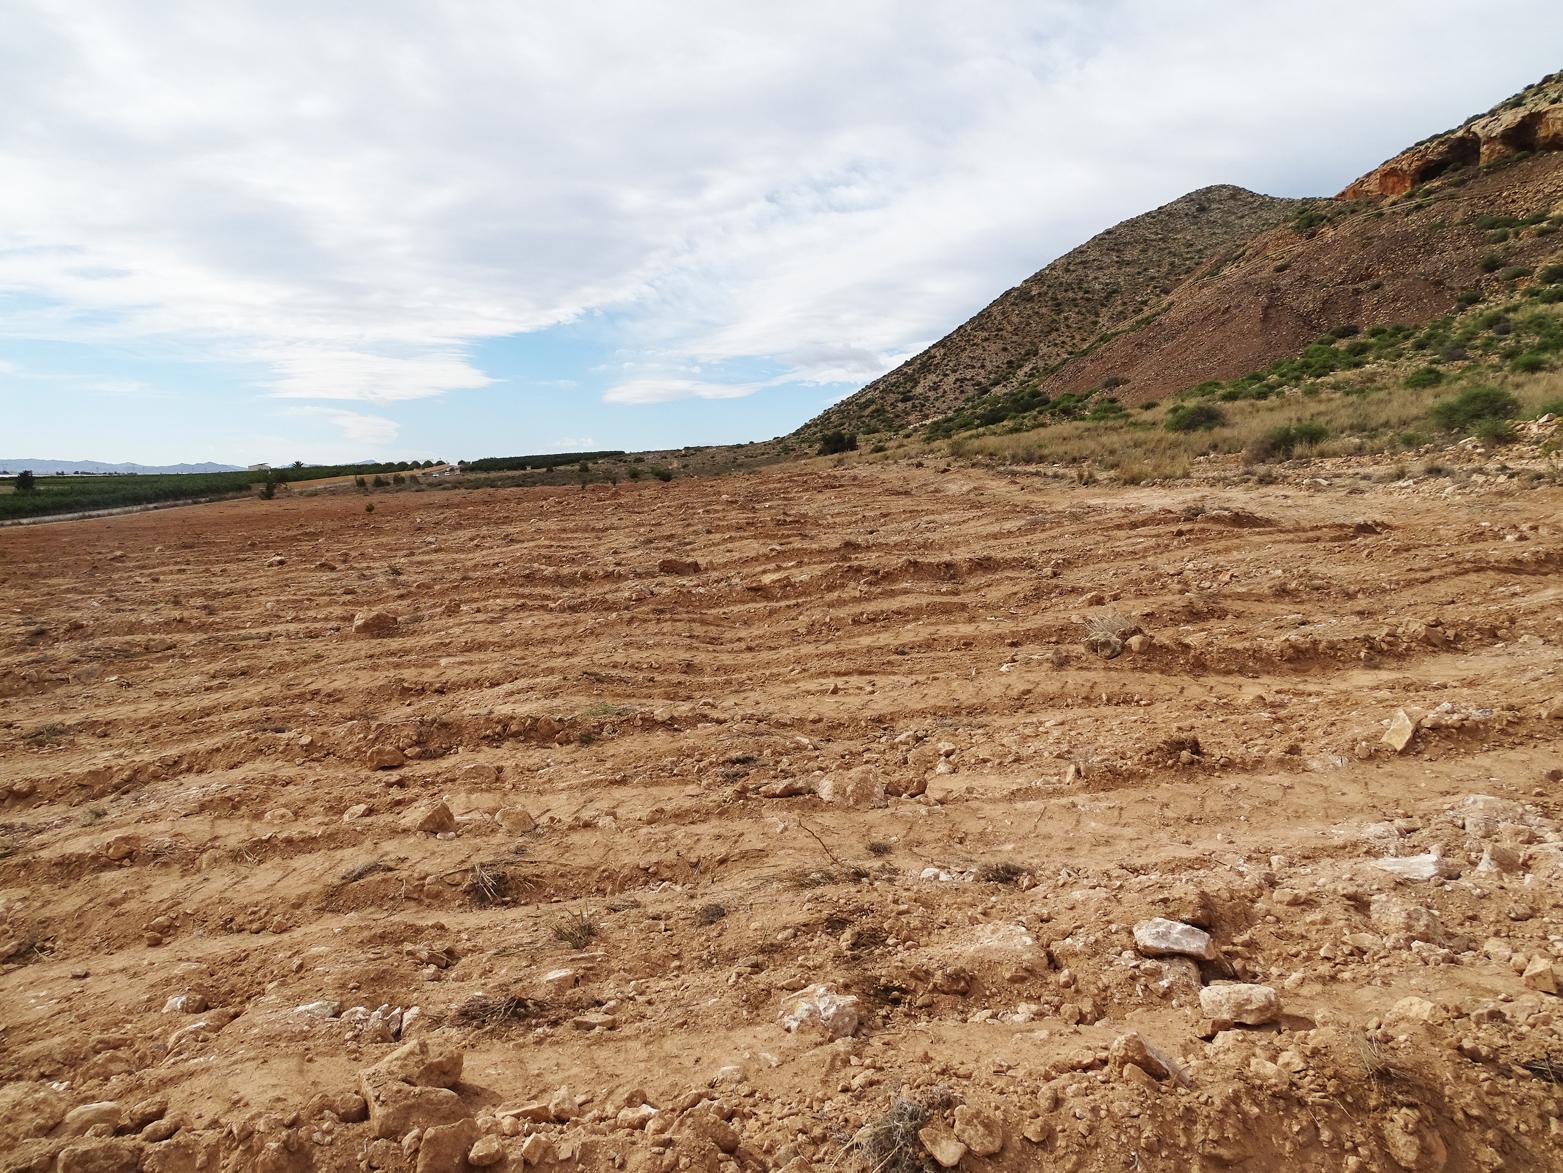 Roturaciones detectadas, según informa ANSE, en el interior de zonas protegidas afectando al Paisaje Protegido del Cabezo Gordo y a la Zona de Especial Conservación de la Red Natura 2000. Imagen: ANSE